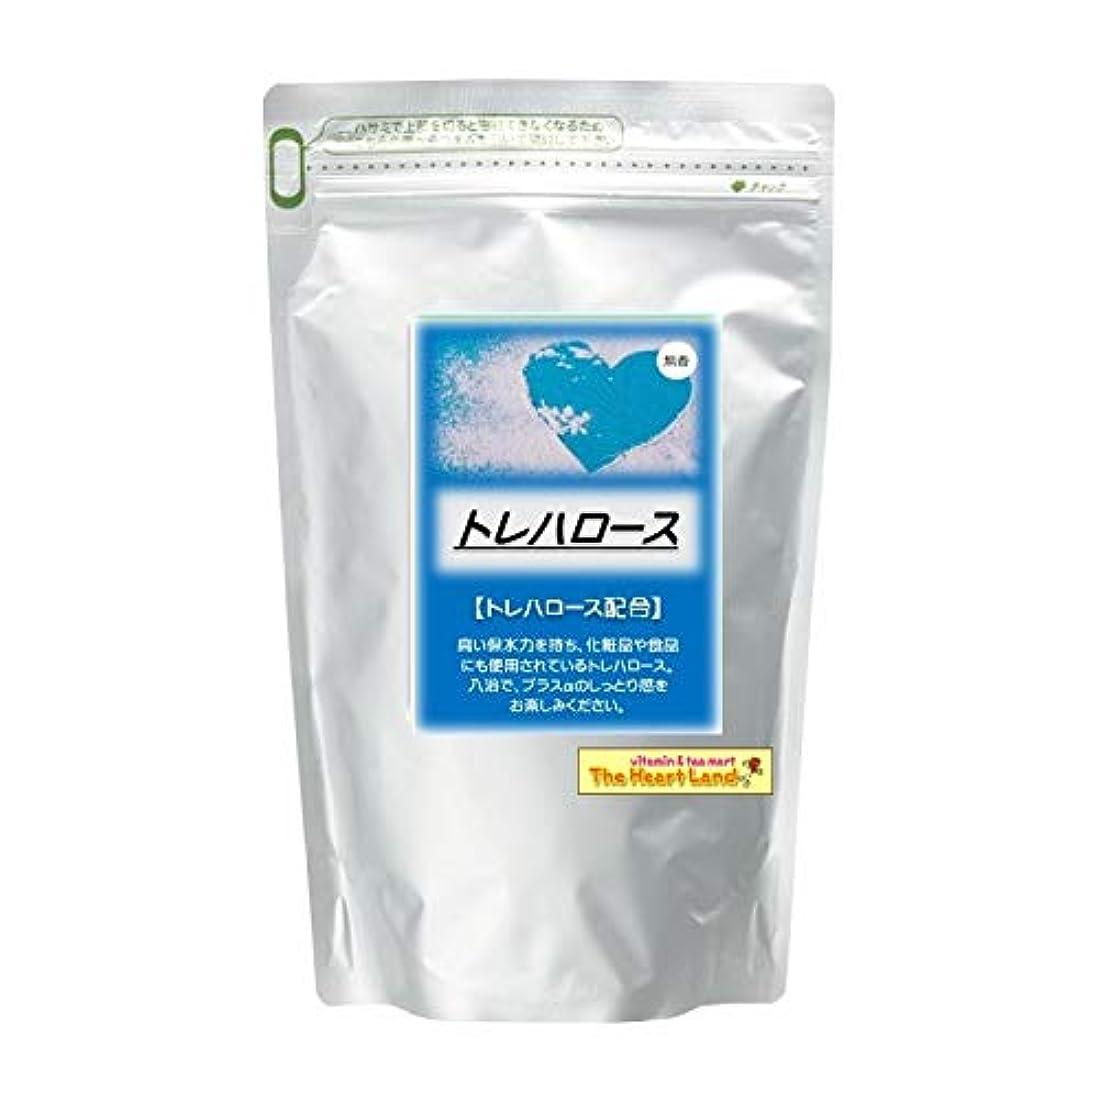 丈夫ソース人工的なアサヒ入浴剤 浴用入浴化粧品 トレハロース 300g